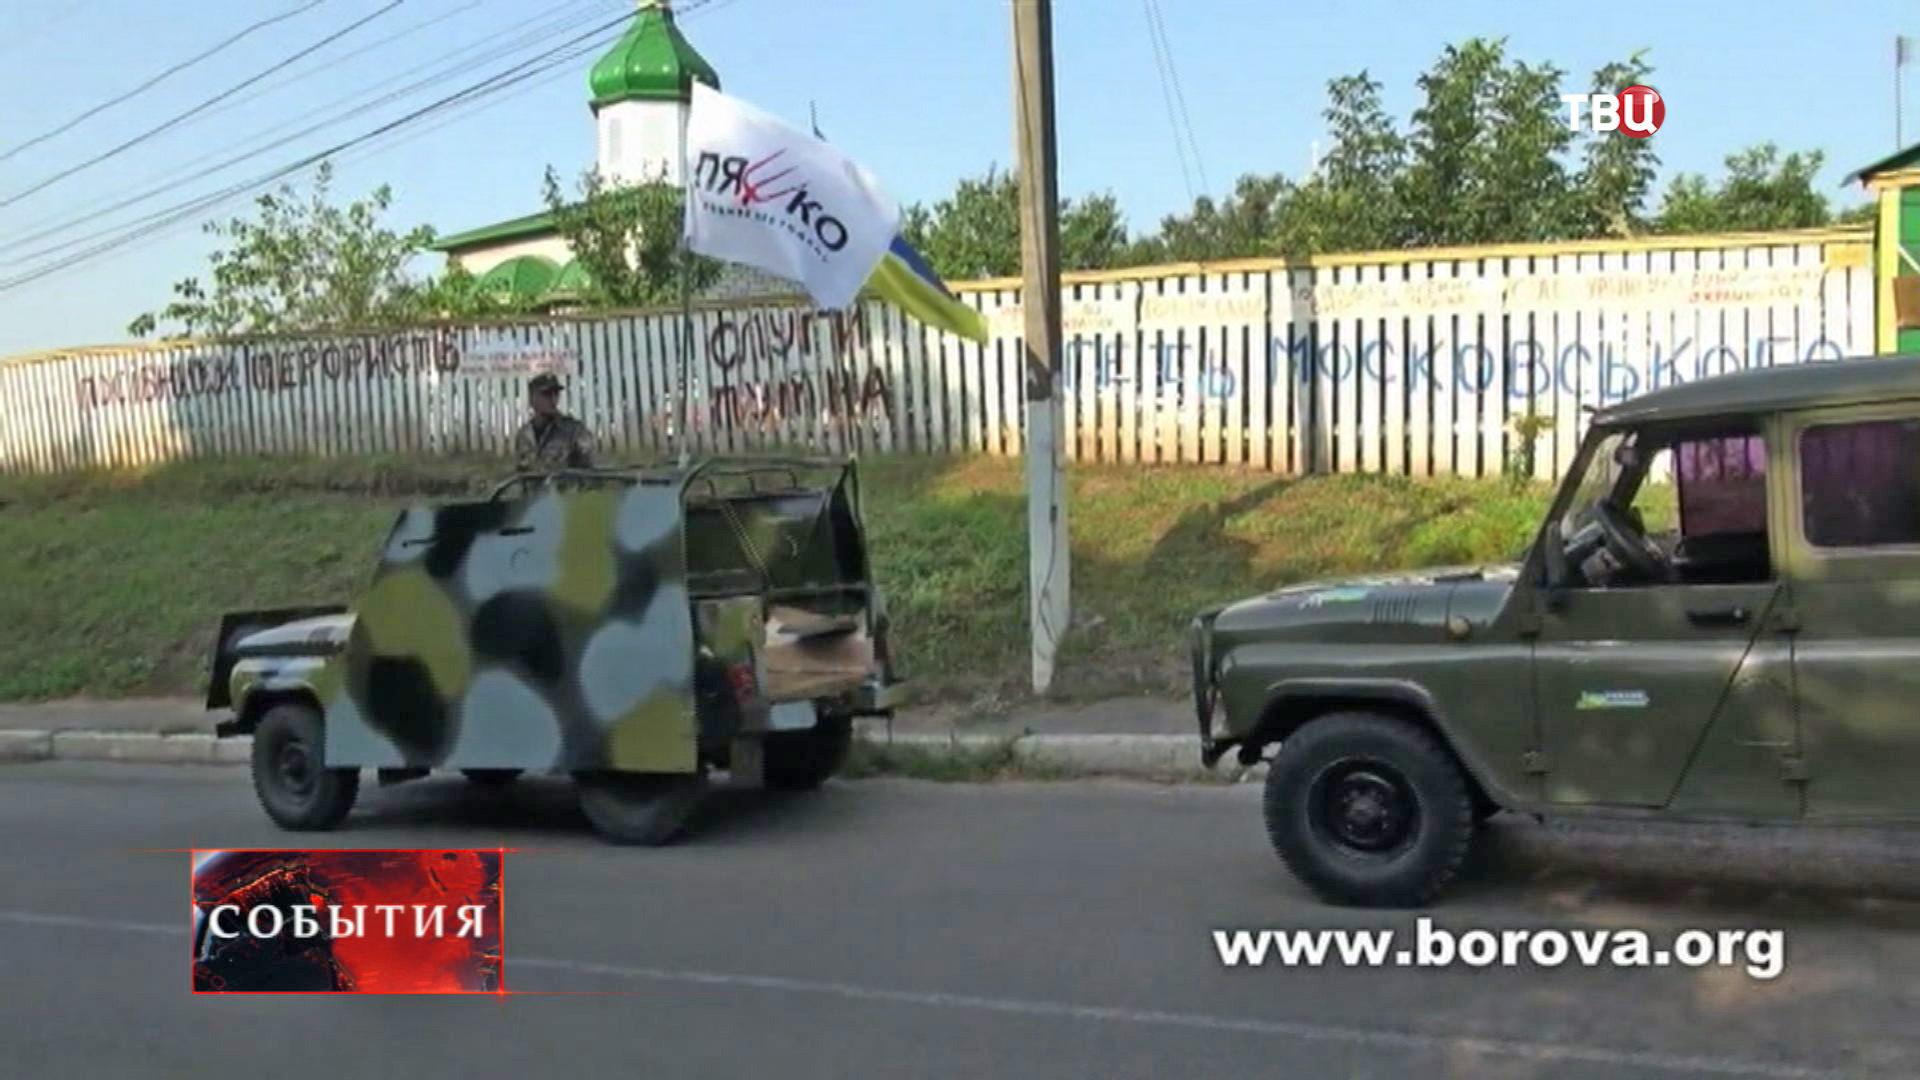 Автомобили под флагами с логотипом Радикальной партии Олега Ляшко